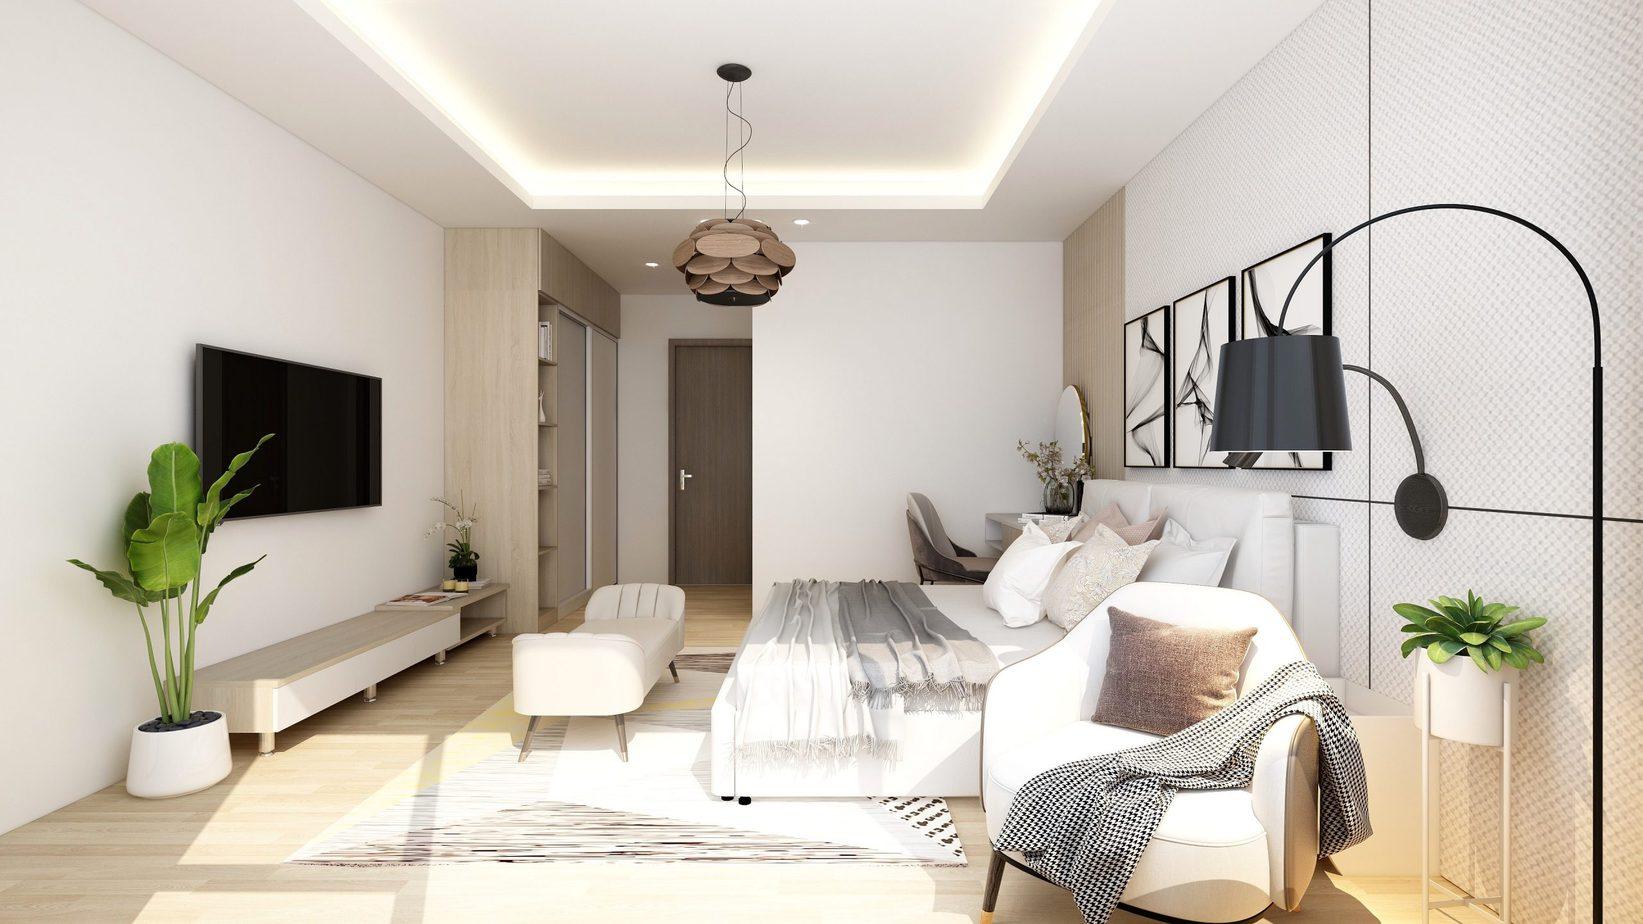 Thiết kế cửa rộng cho ánh nắng bình minh tràn vào phòng tạo nên không gian thưởng trà đầy thú vị